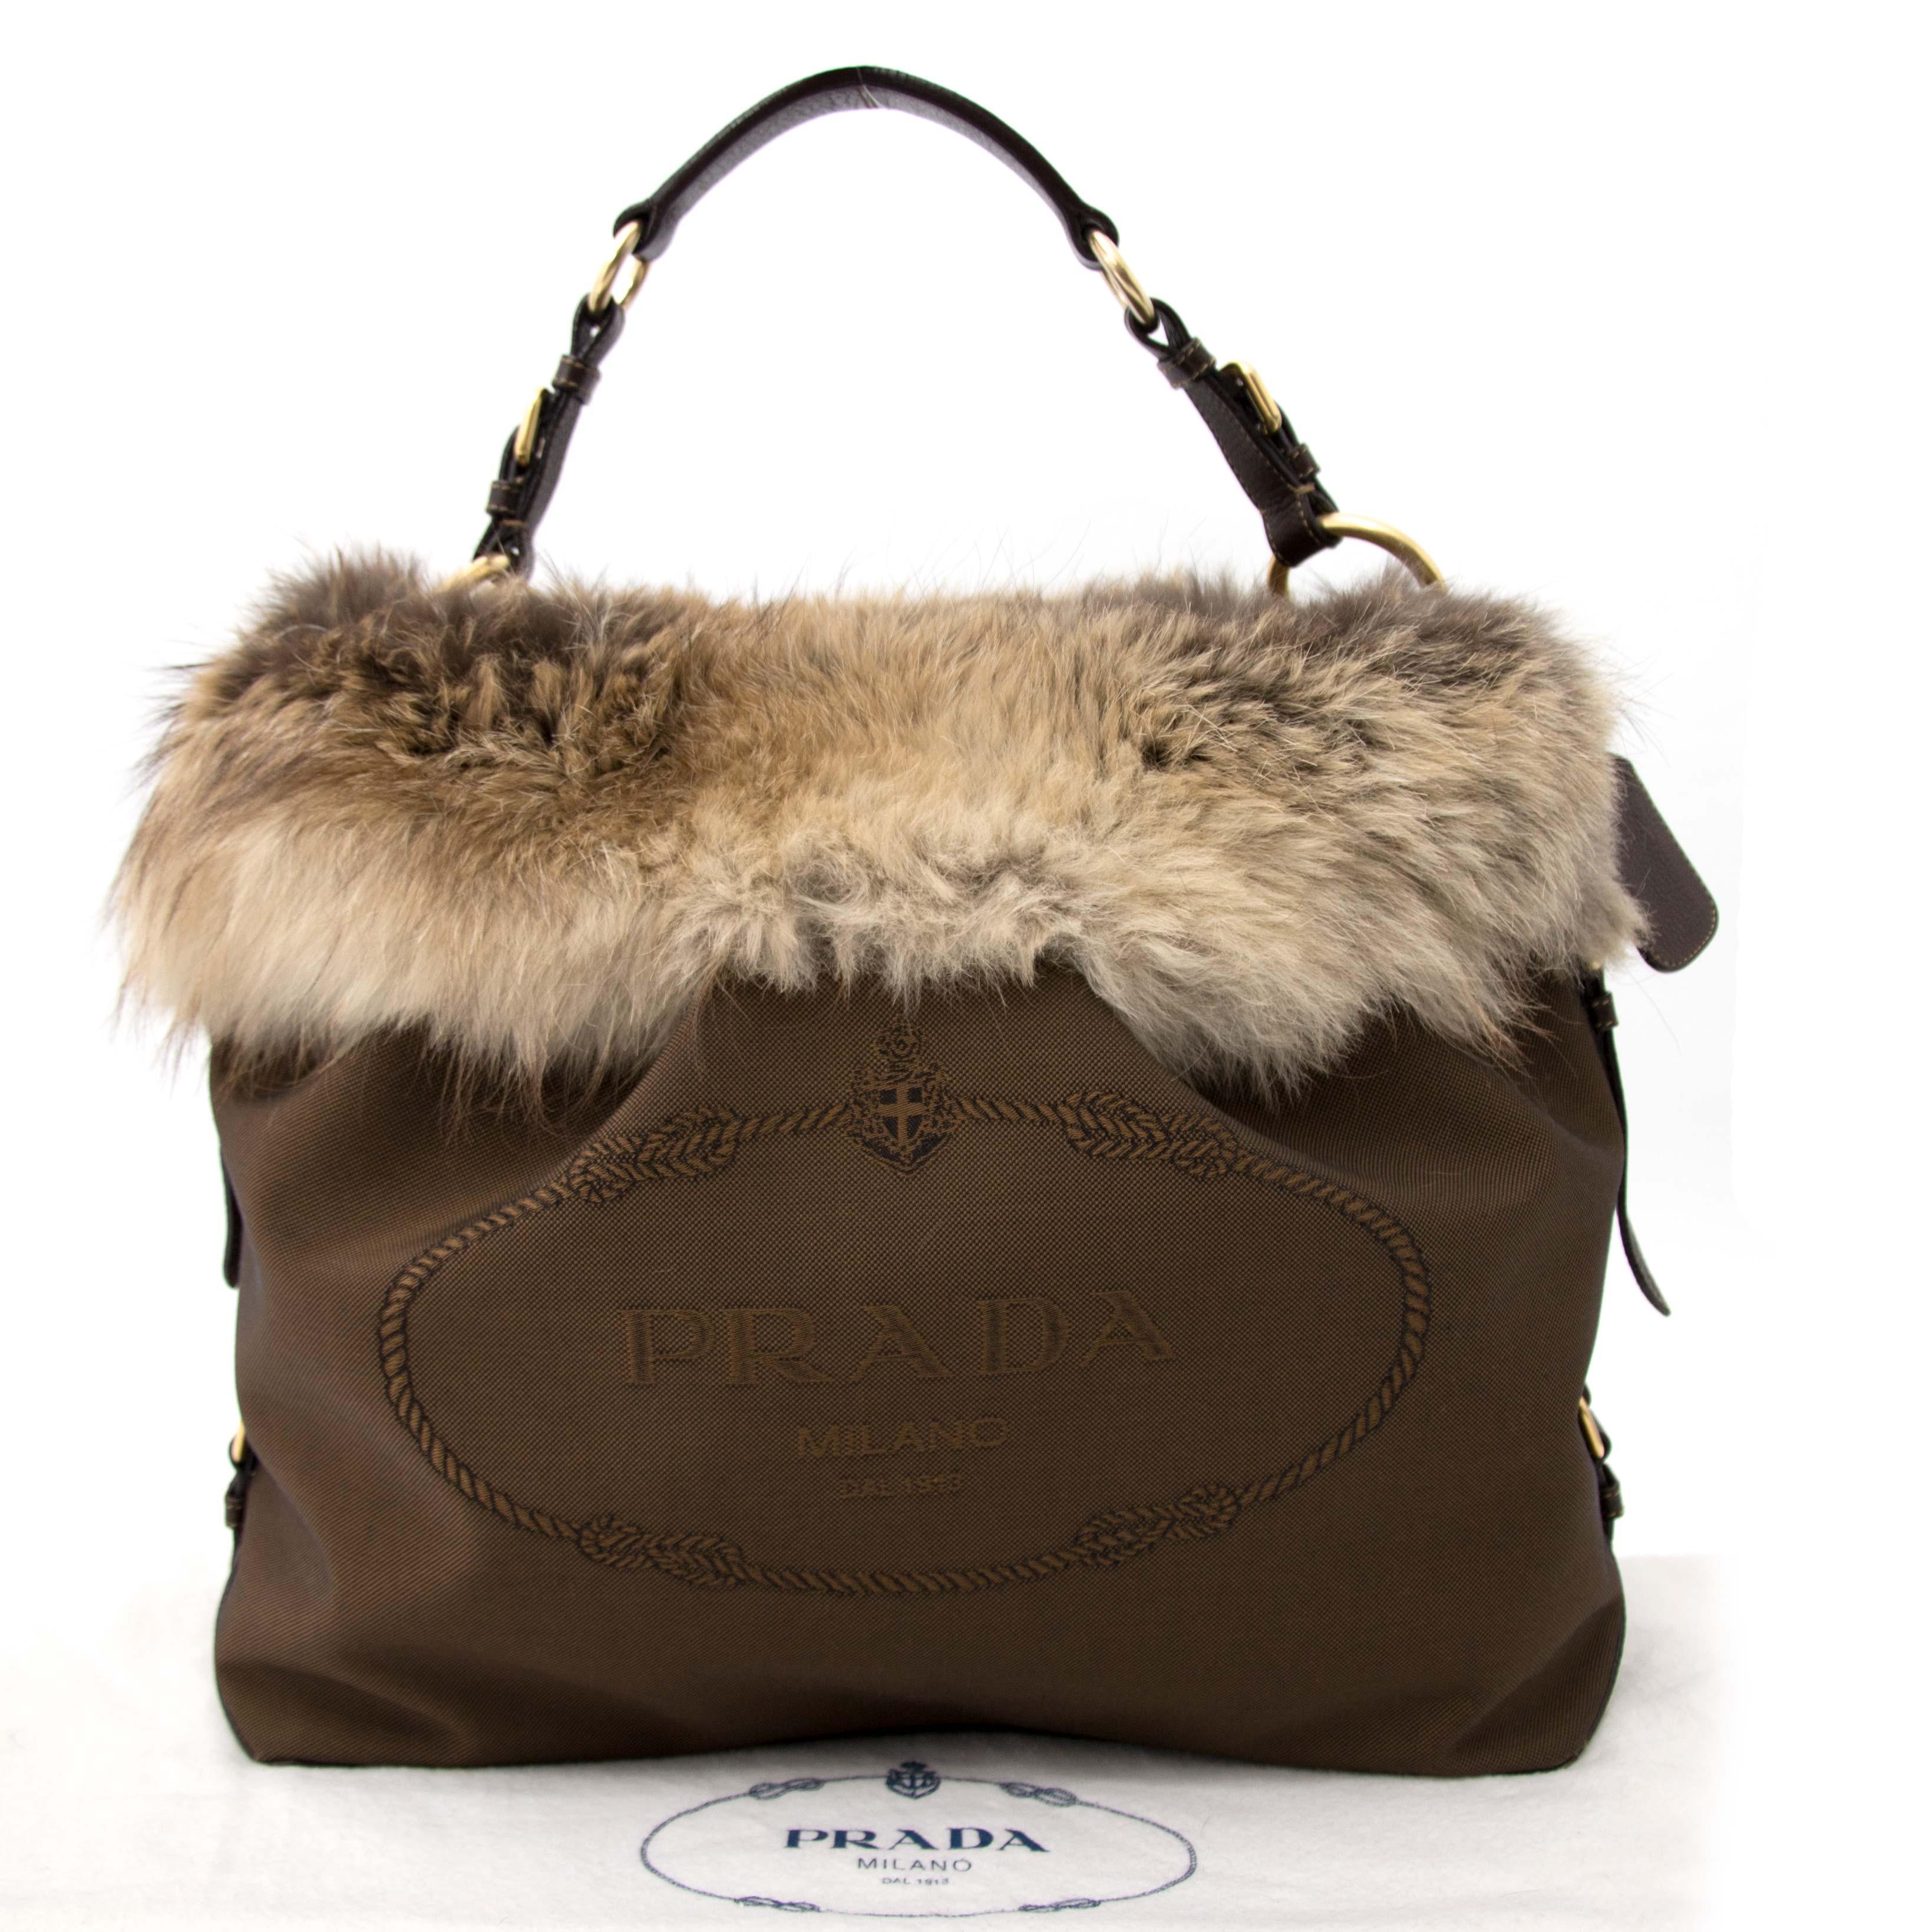 cbffa21d6aa9 ... Koop en verkoop uw authentieke Prada Brown Fabric and Fur tas aan de  beste prijs